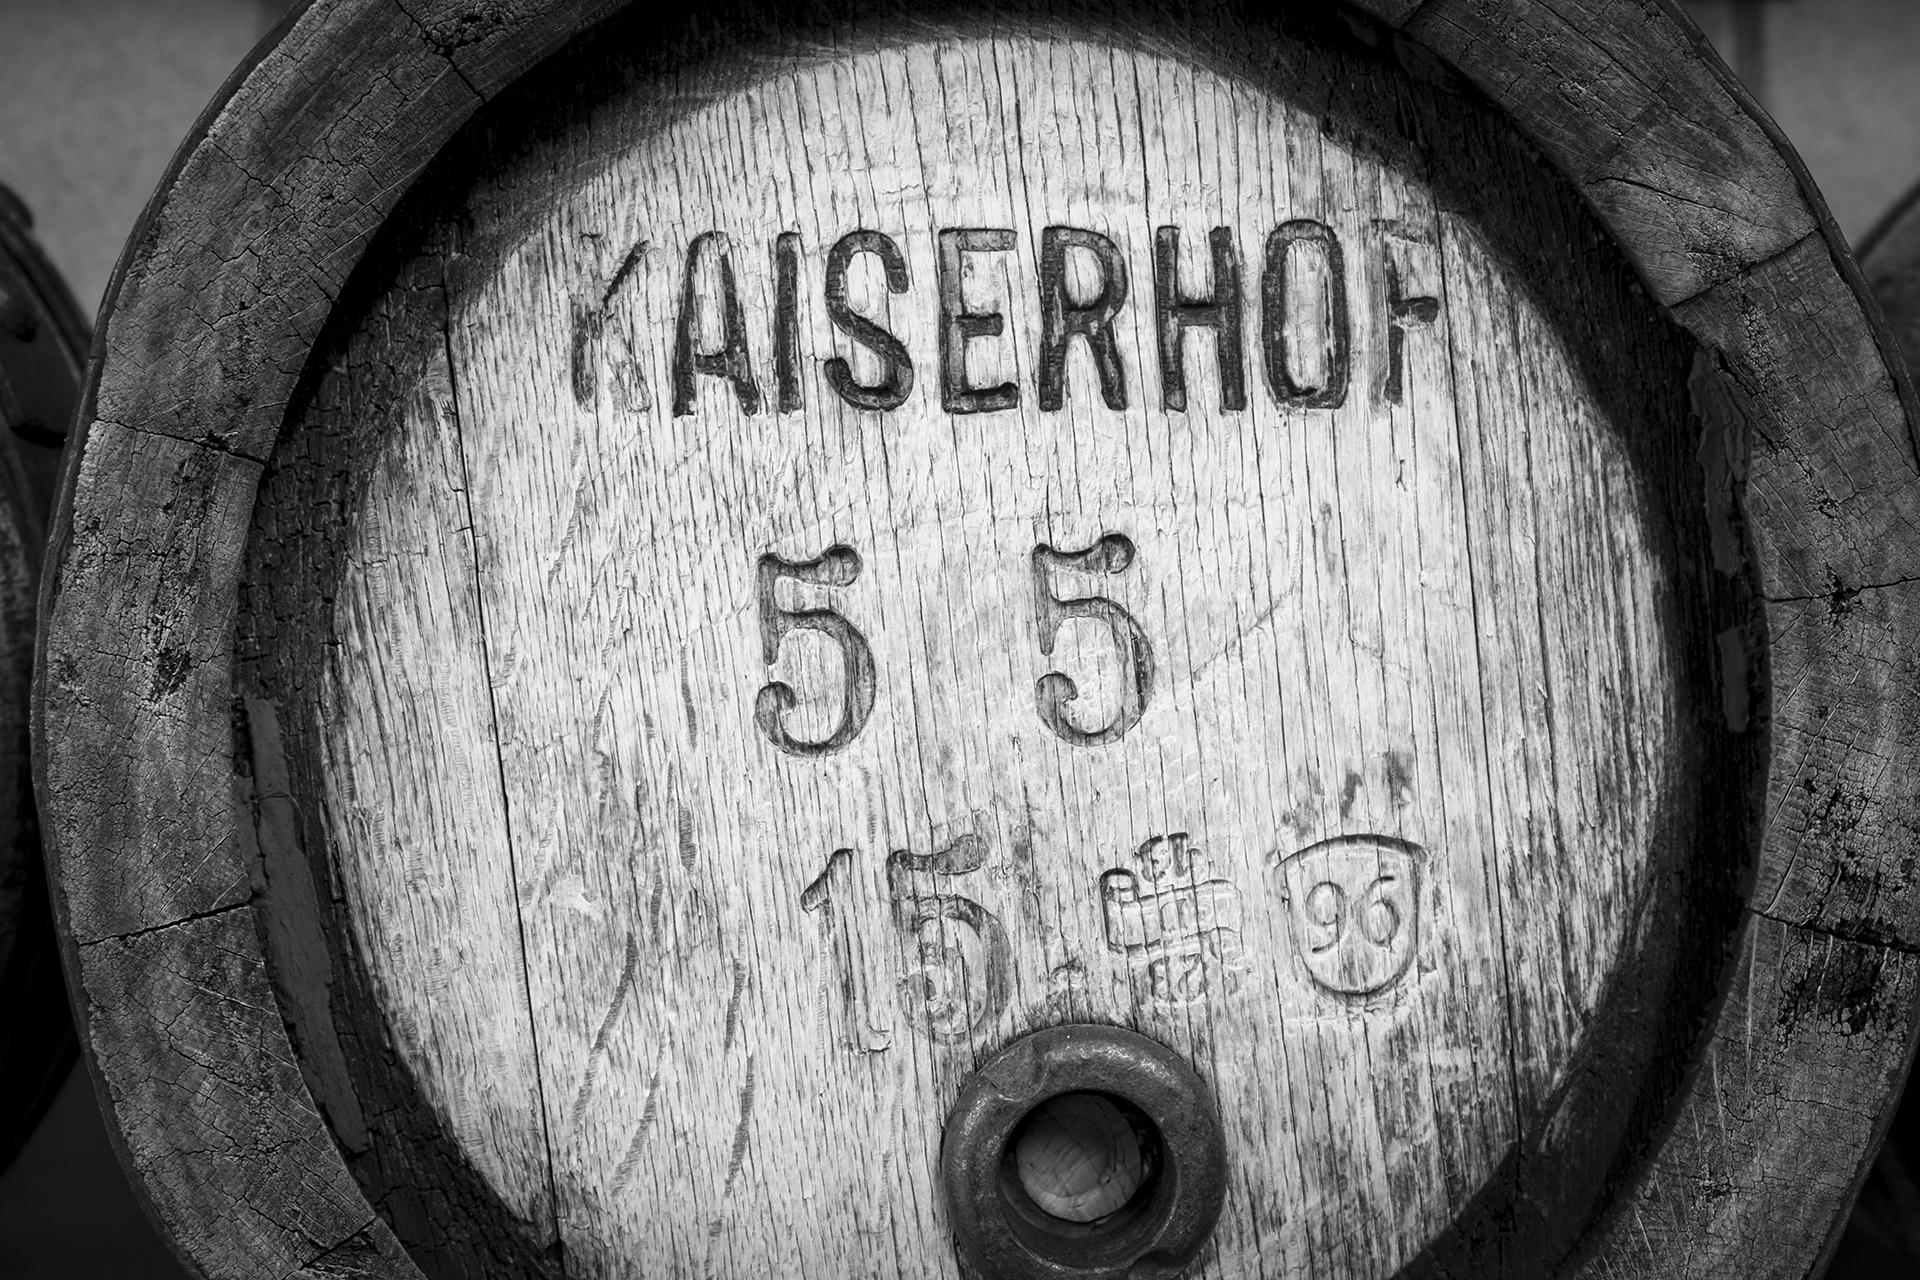 Traditionelles-Eichenfass-Brauerei-Kaiserhof